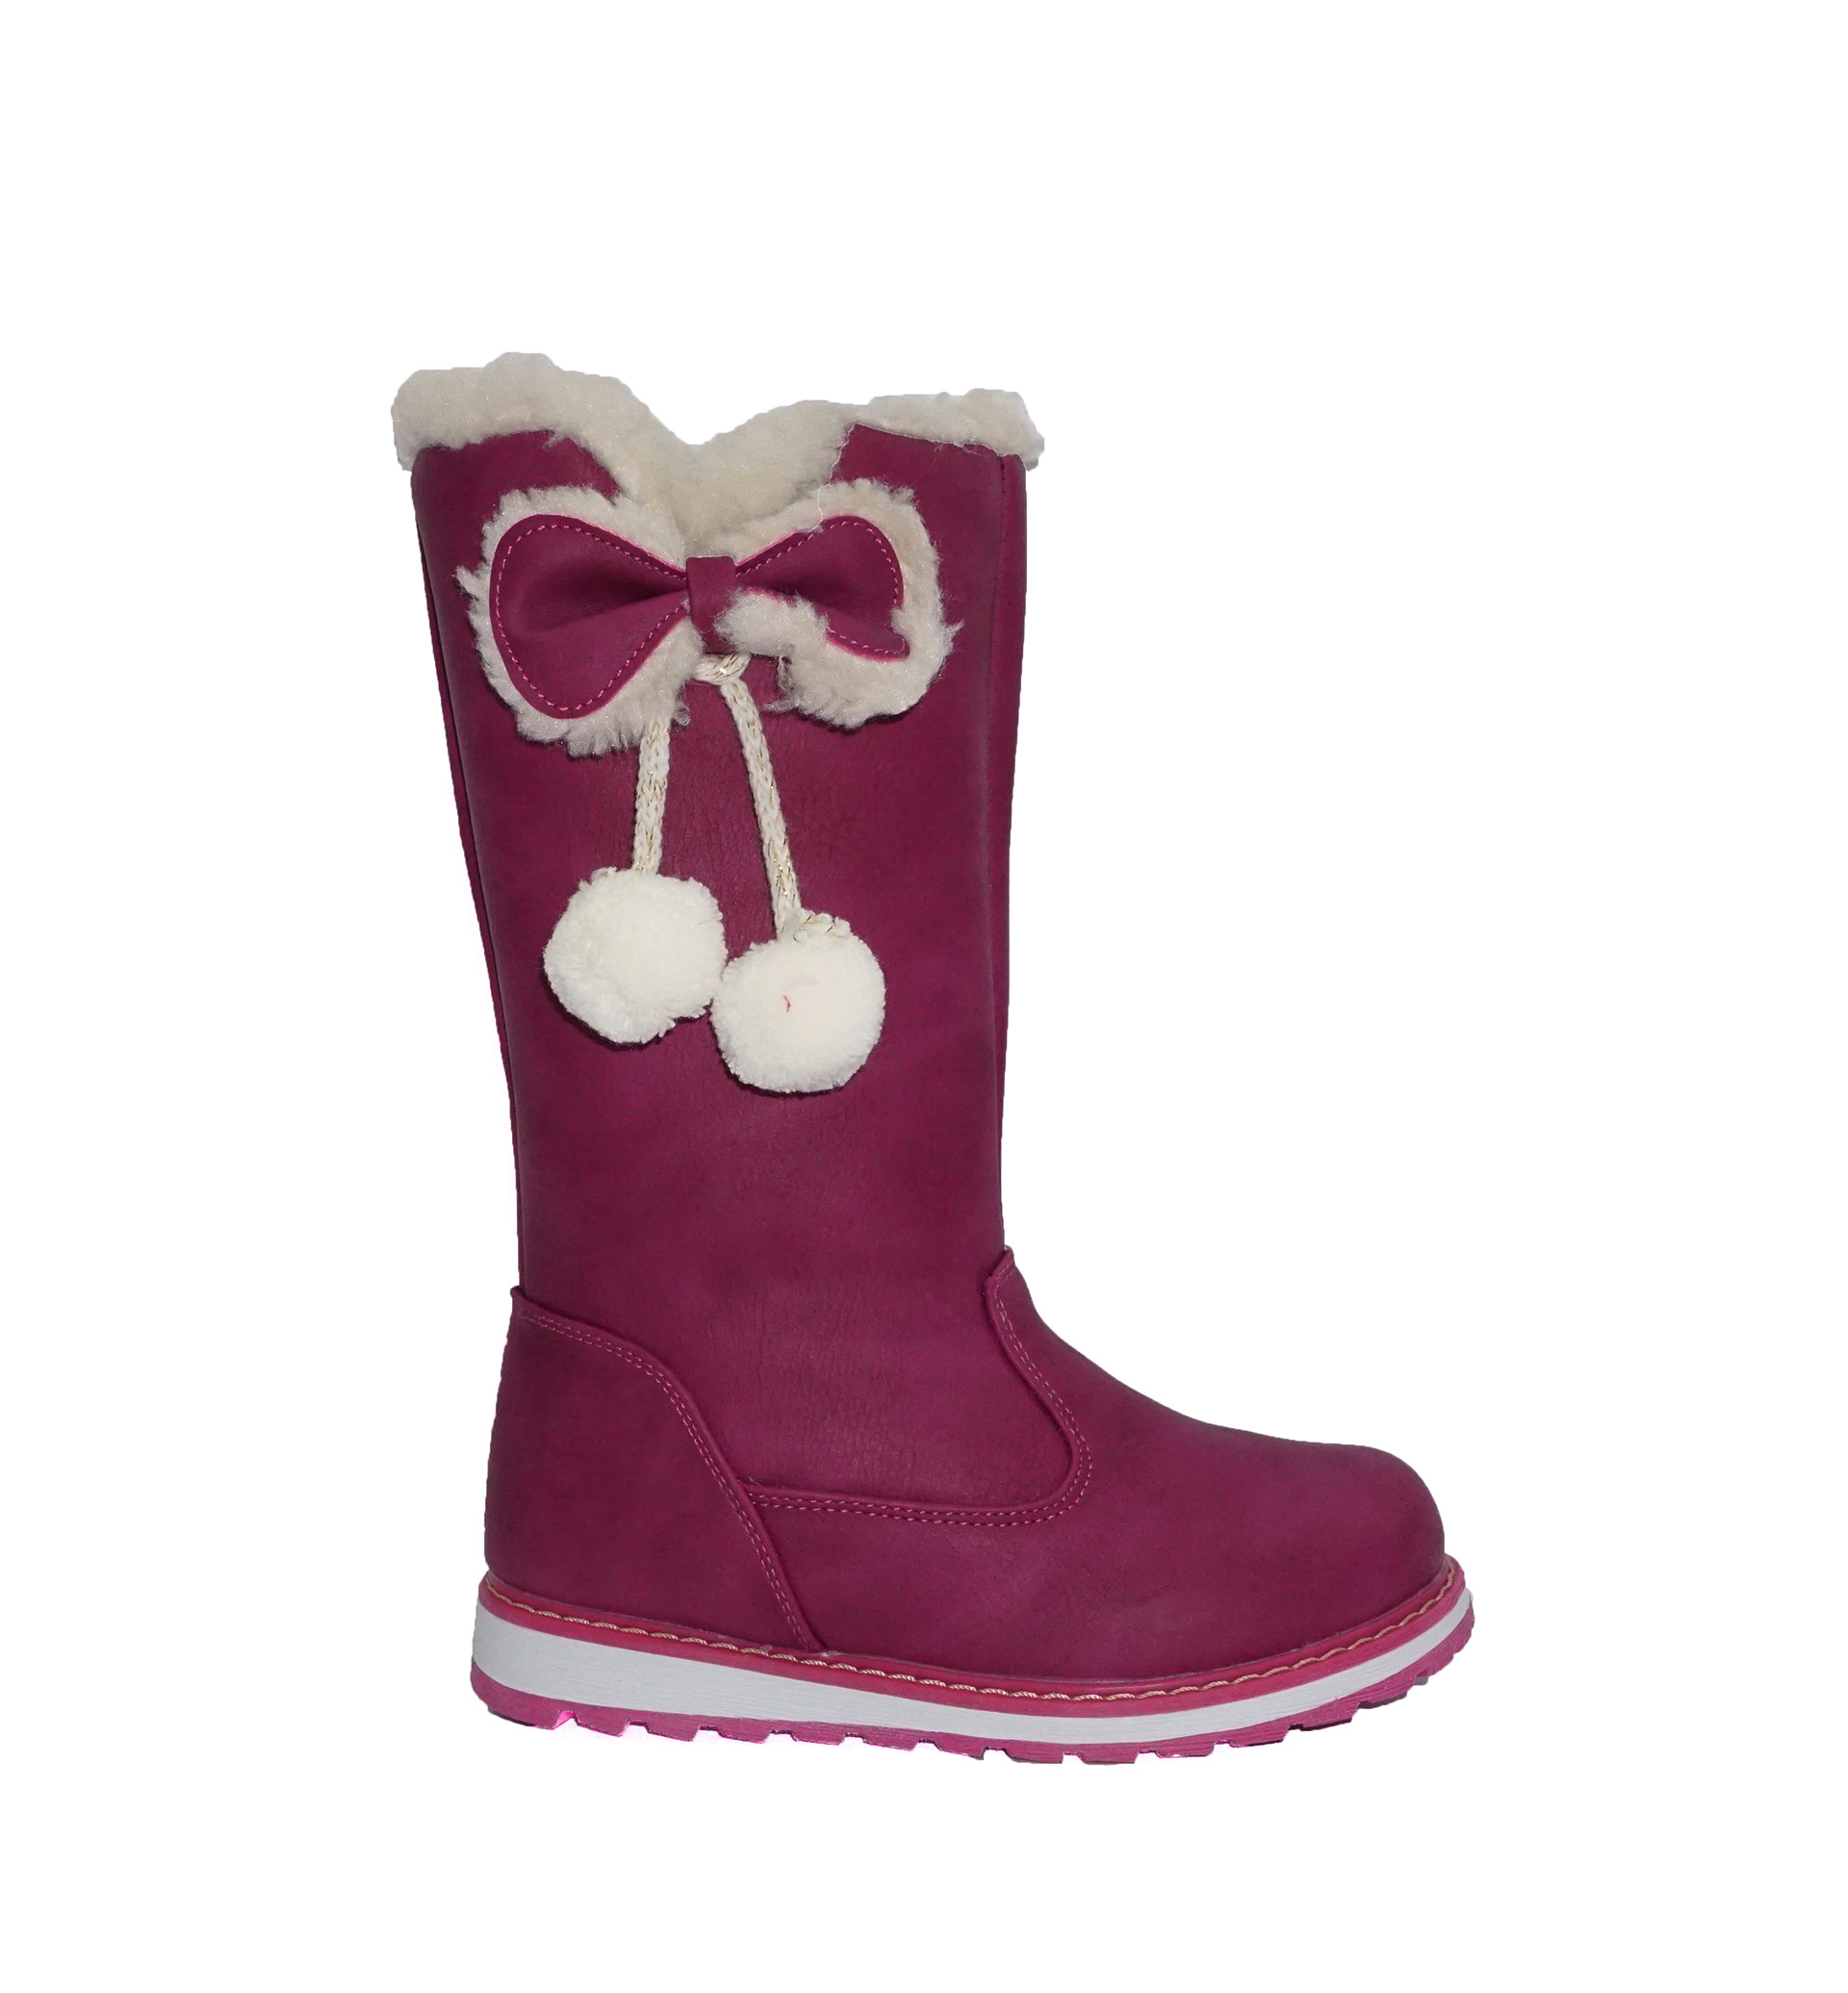 f5f9ee7fd65 Детски ботуши PINOKYO | Обувки - Детски, дамски и мъжки обувки